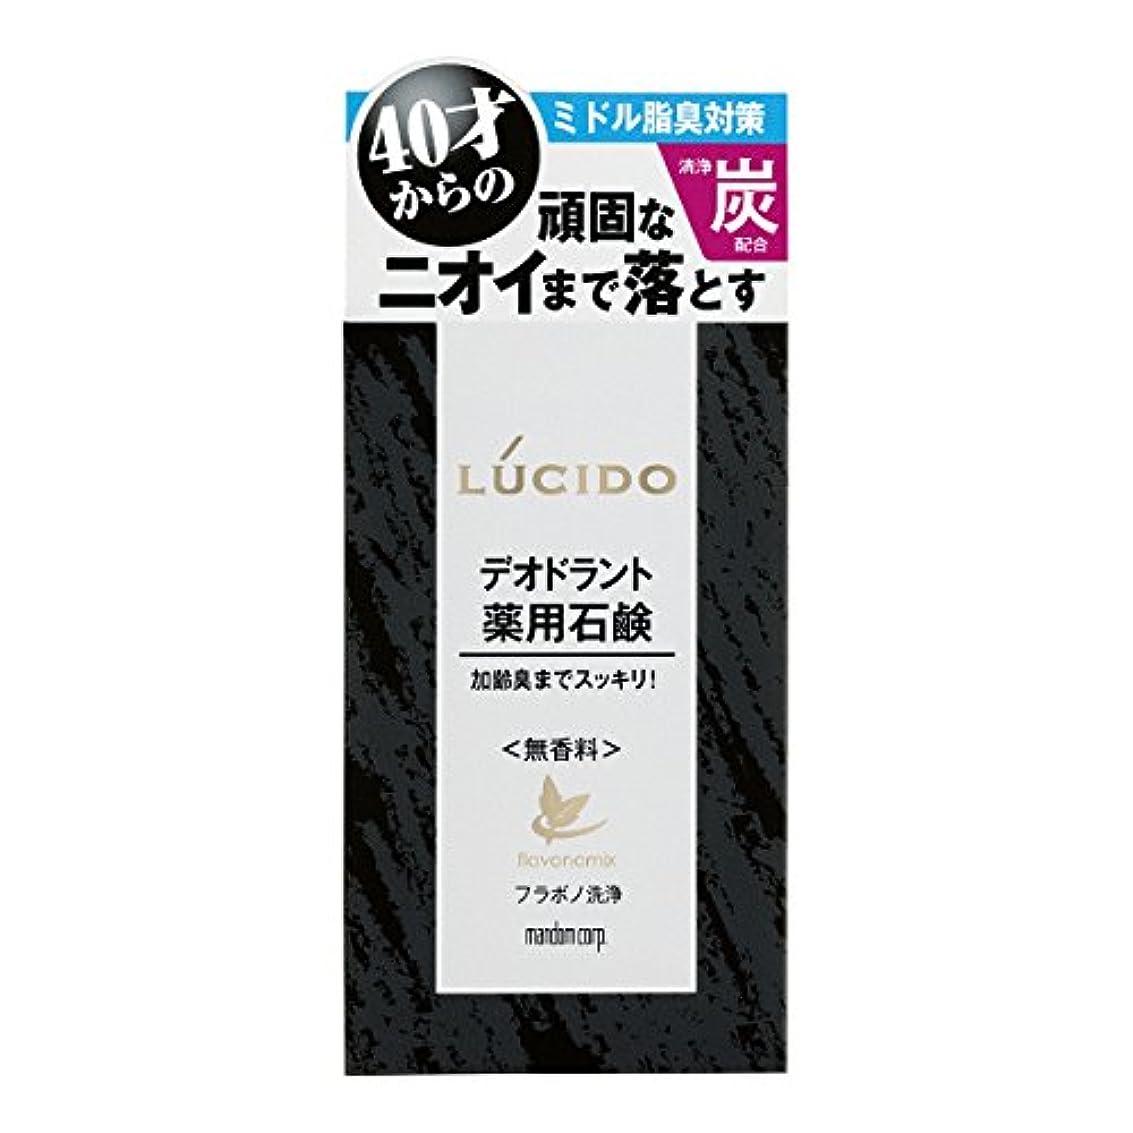 キモい成功する紳士気取りの、きざなルシード 薬用デオドラント石鹸 100g(医薬部外品)